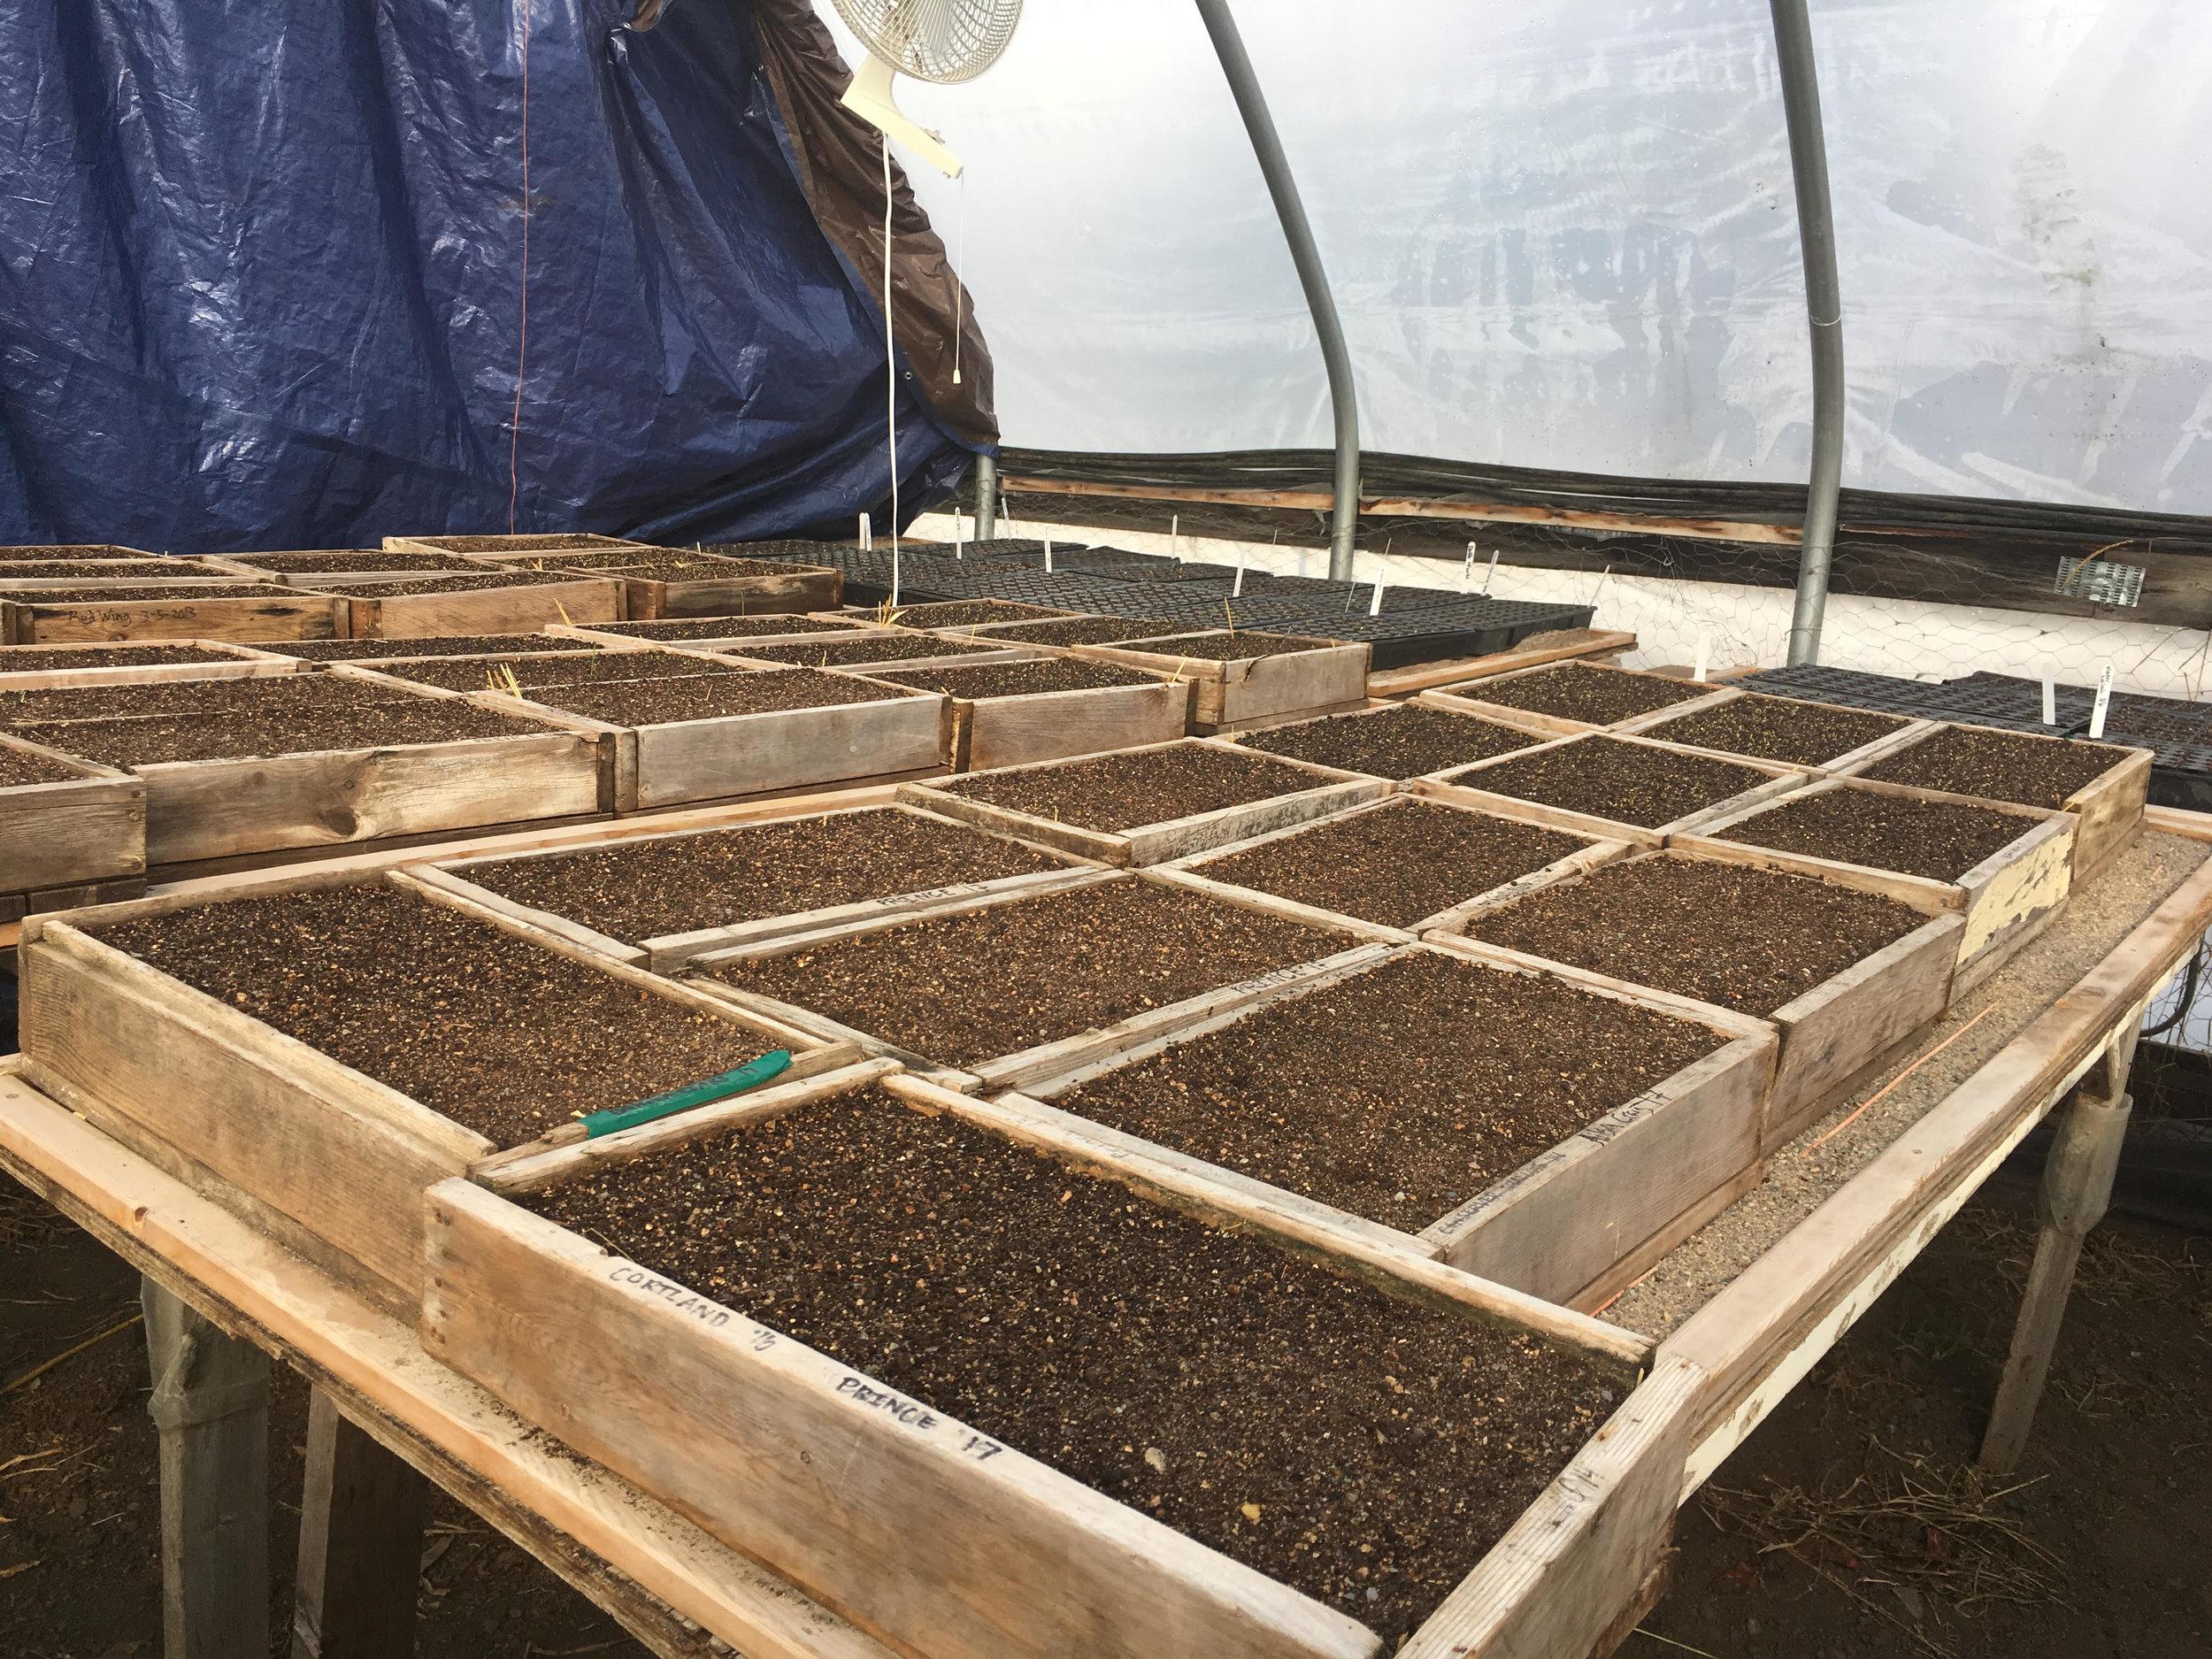 Head Starts With Starts — Garden City Harvest